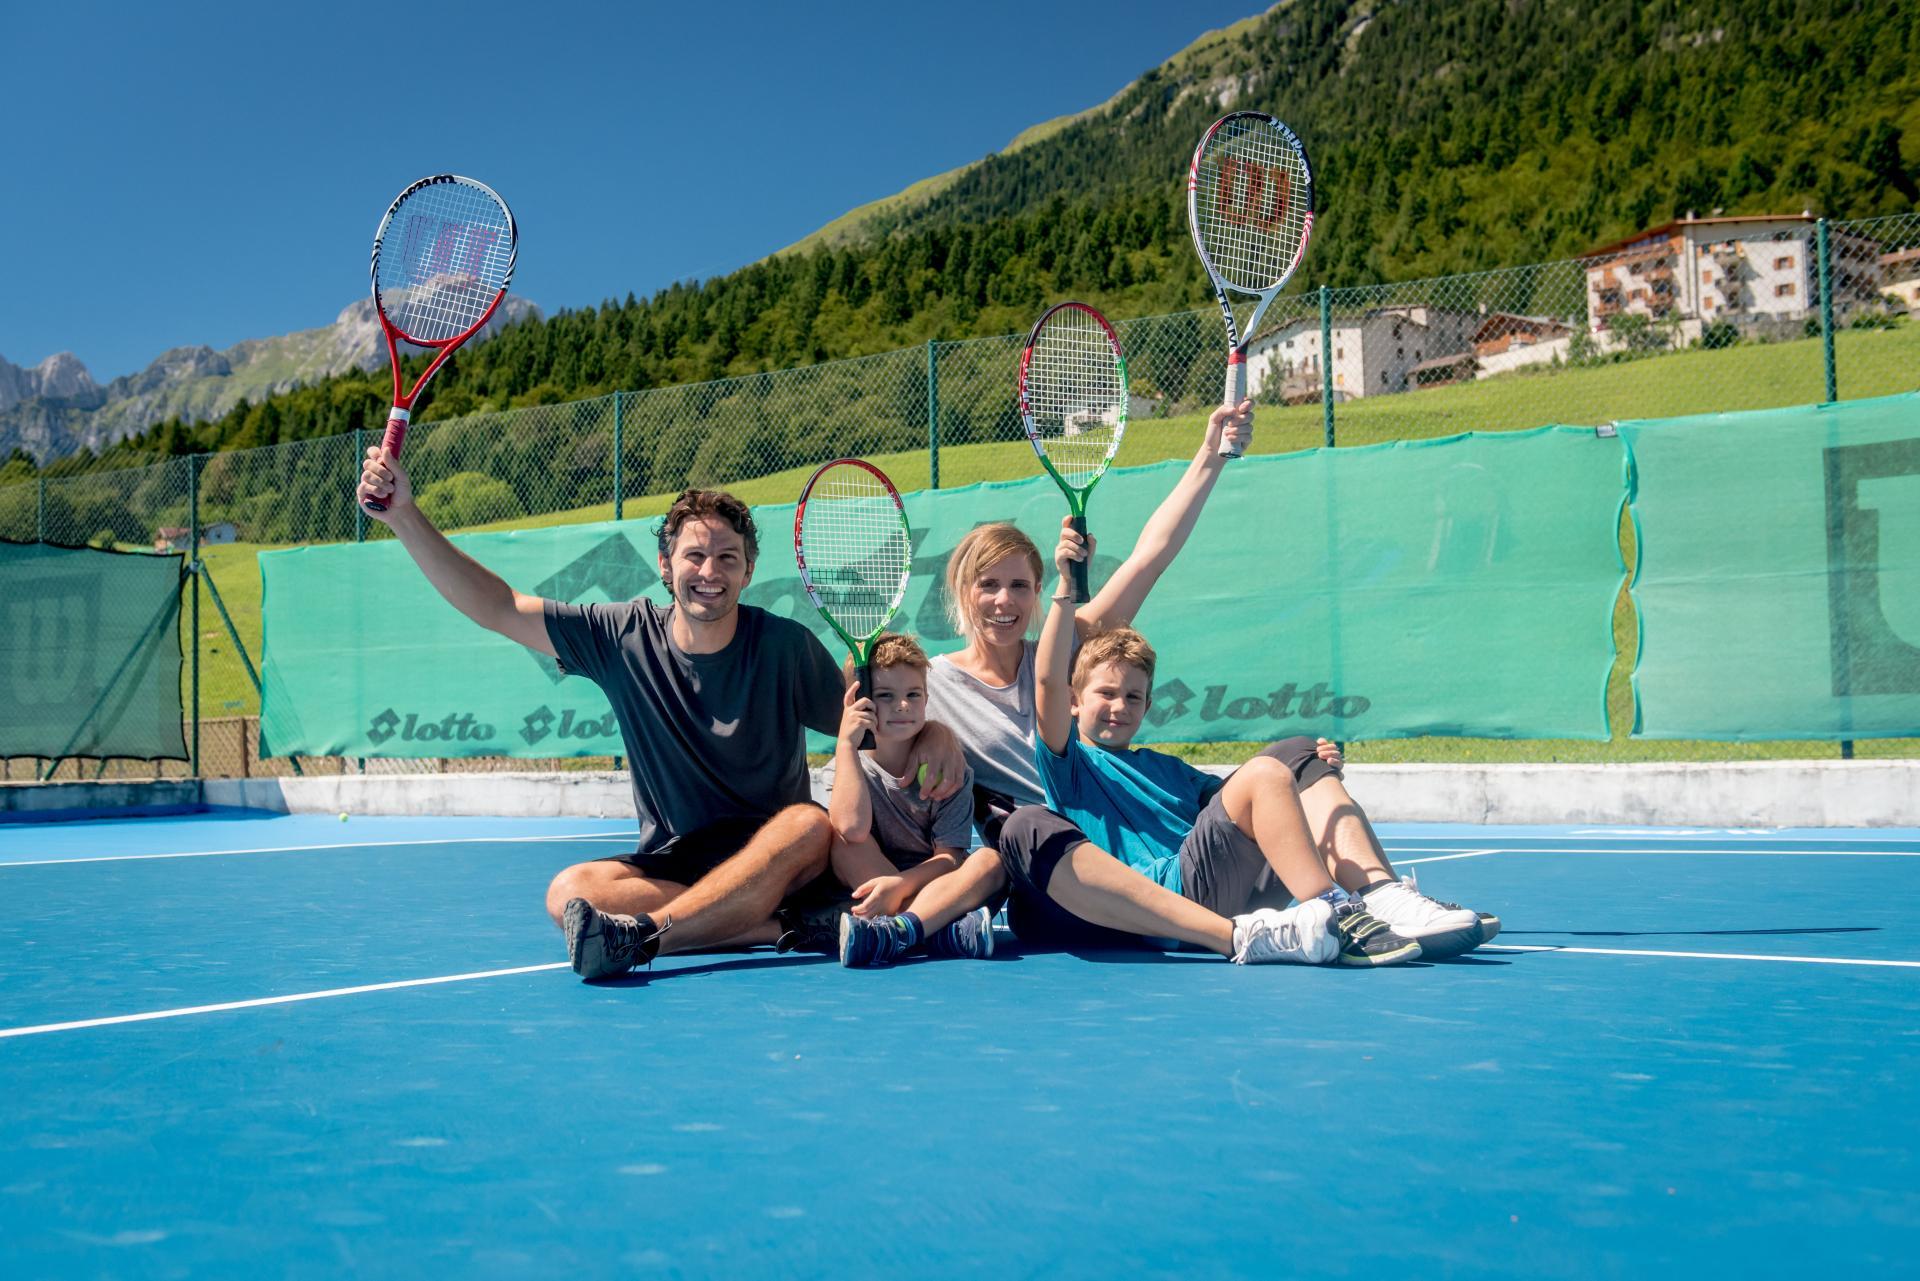 Giocare a tennis in Paganella